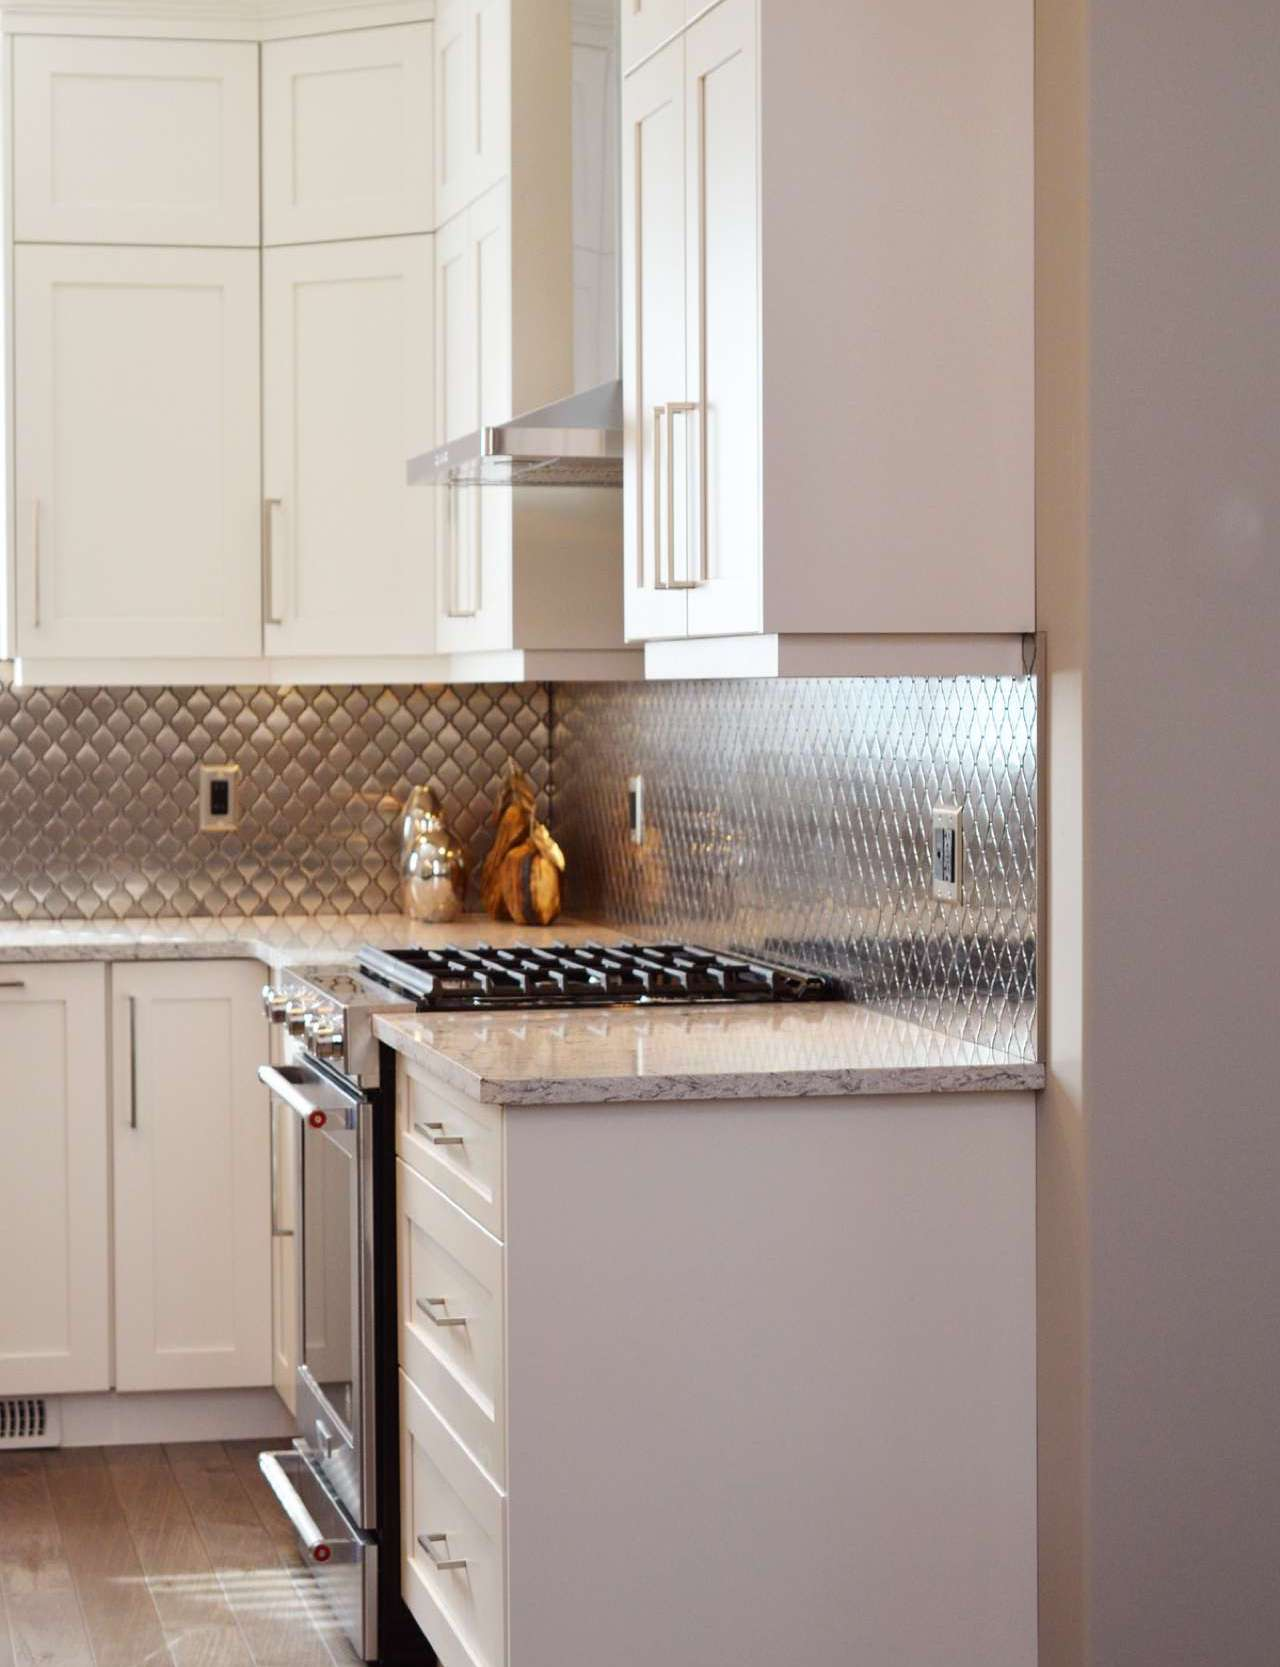 Full Size of Küchen Regal Tapeten Schlafzimmer Für Küche Die Wohnzimmer Ideen Fototapeten Wohnzimmer Küchen Tapeten Abwaschbar